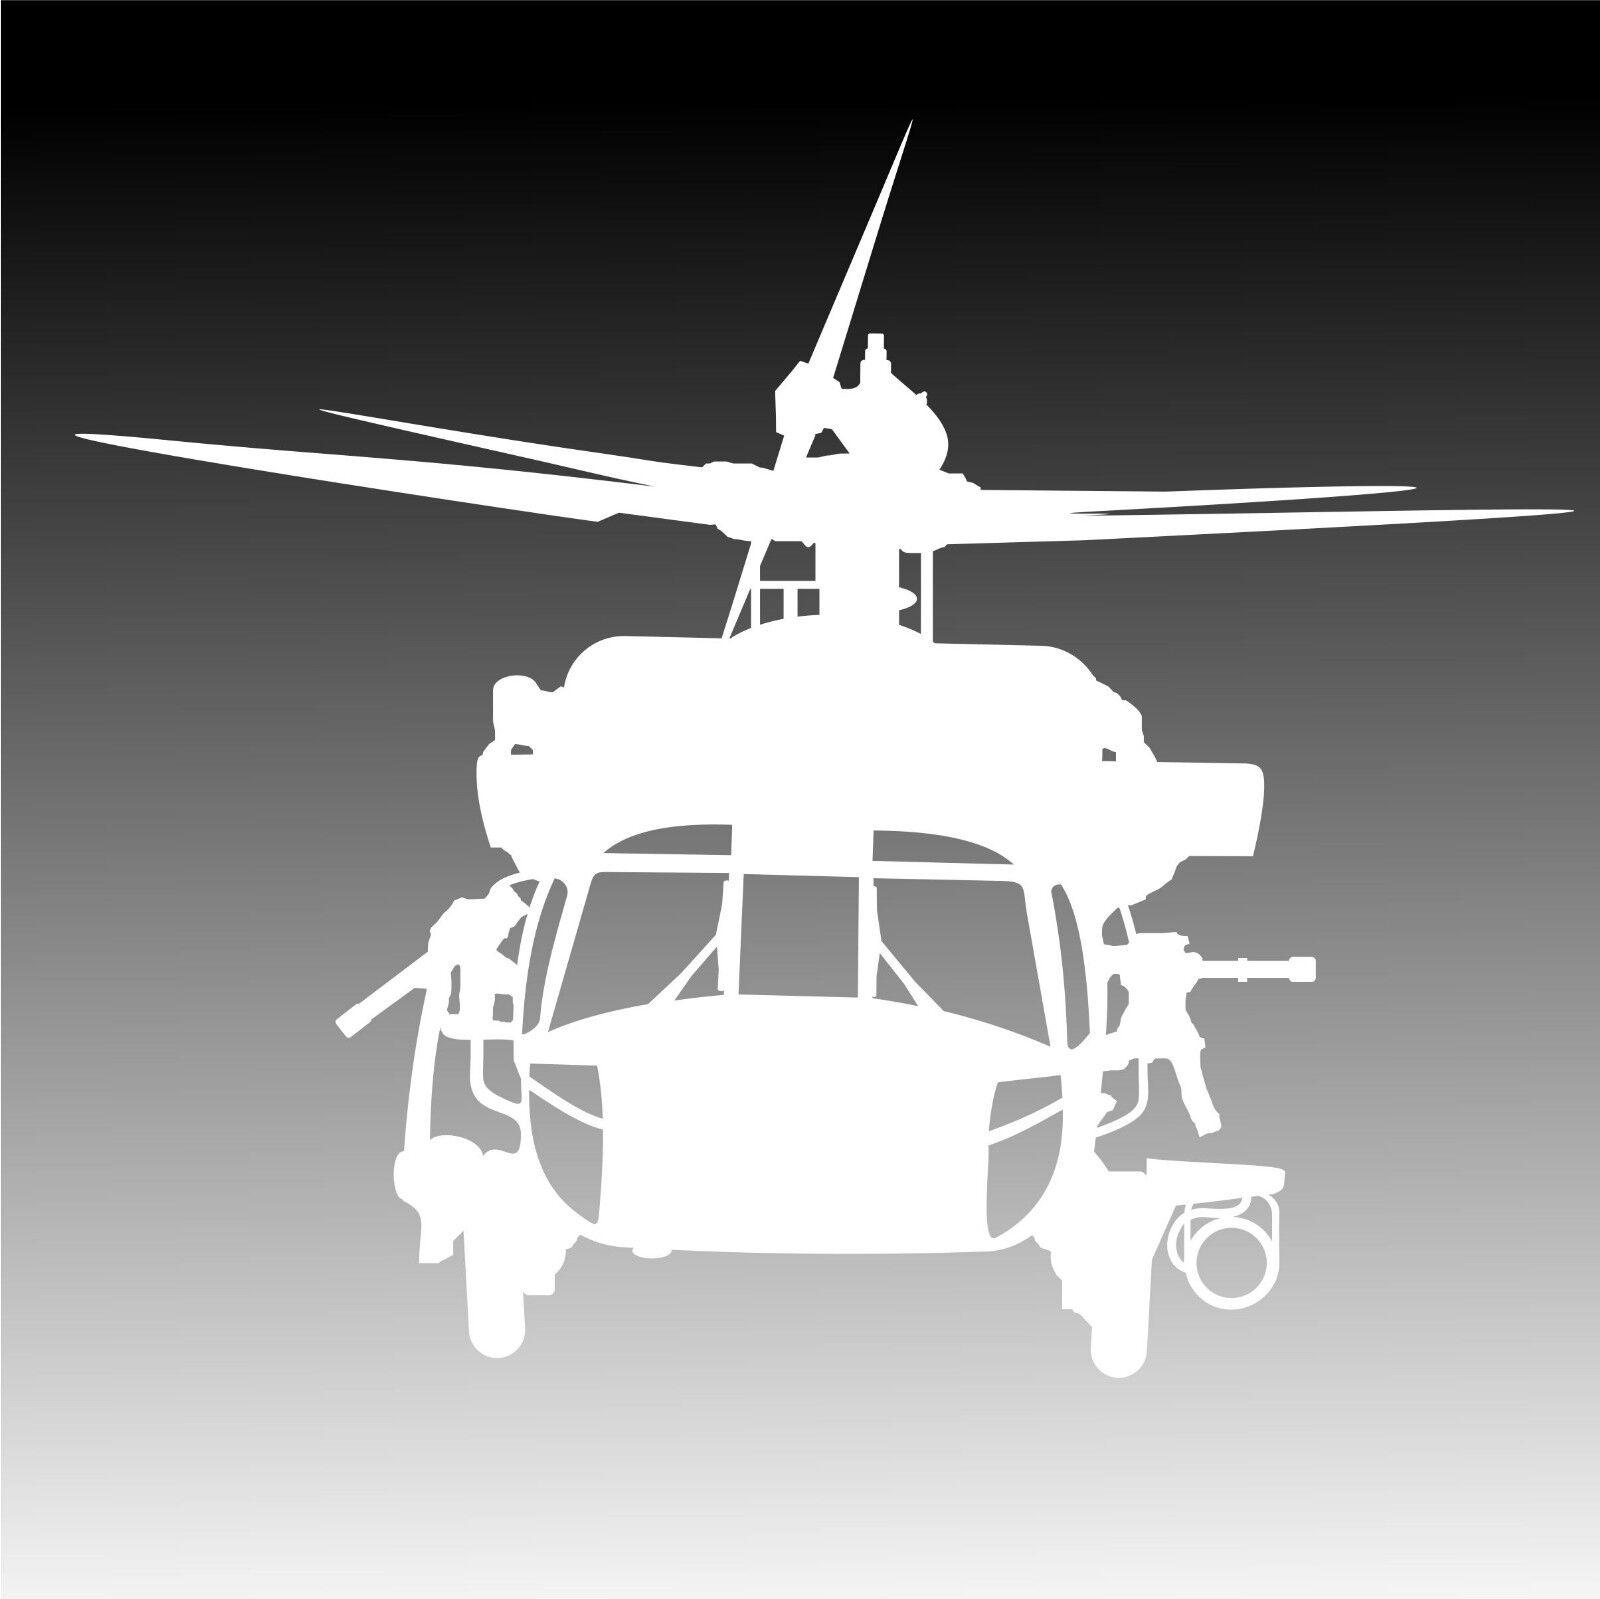 Bin Laden Helicopter crash $T2eC16VHJHIFFhj,0IZoBRlT7HzWyg~~60_57